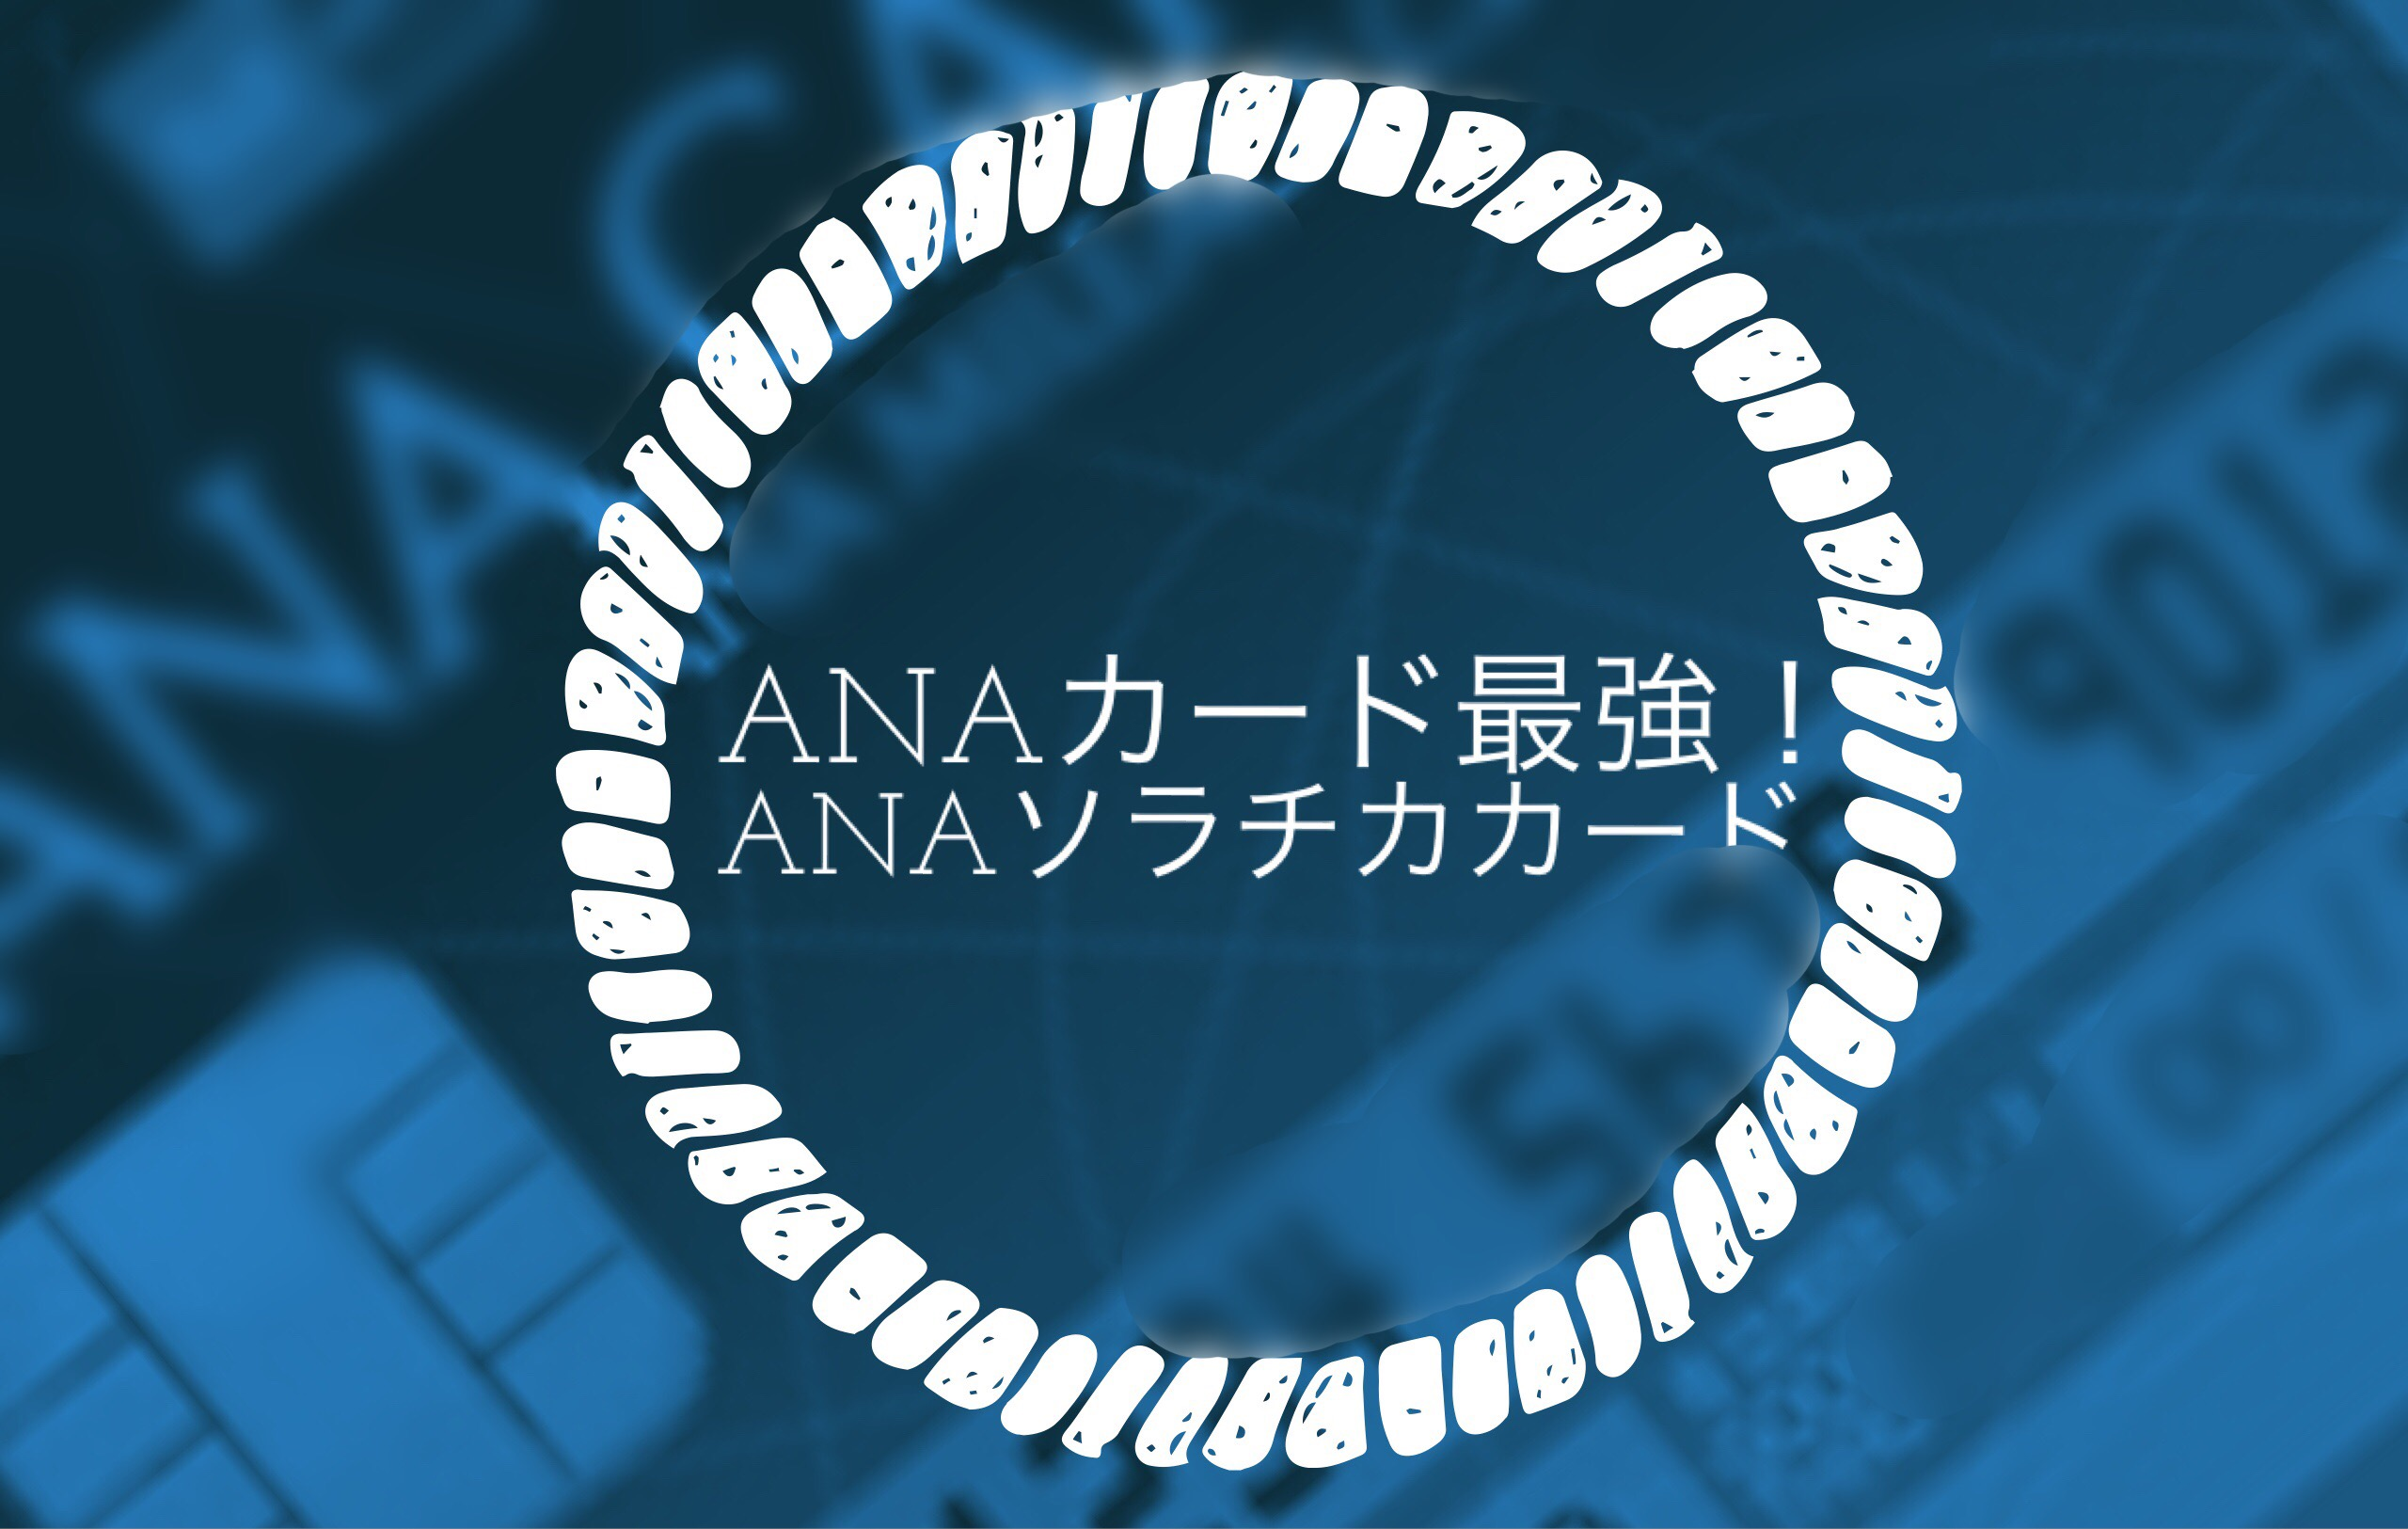 ソラチカカードはANAマイルを貯める1枚目の必携ANAカード!